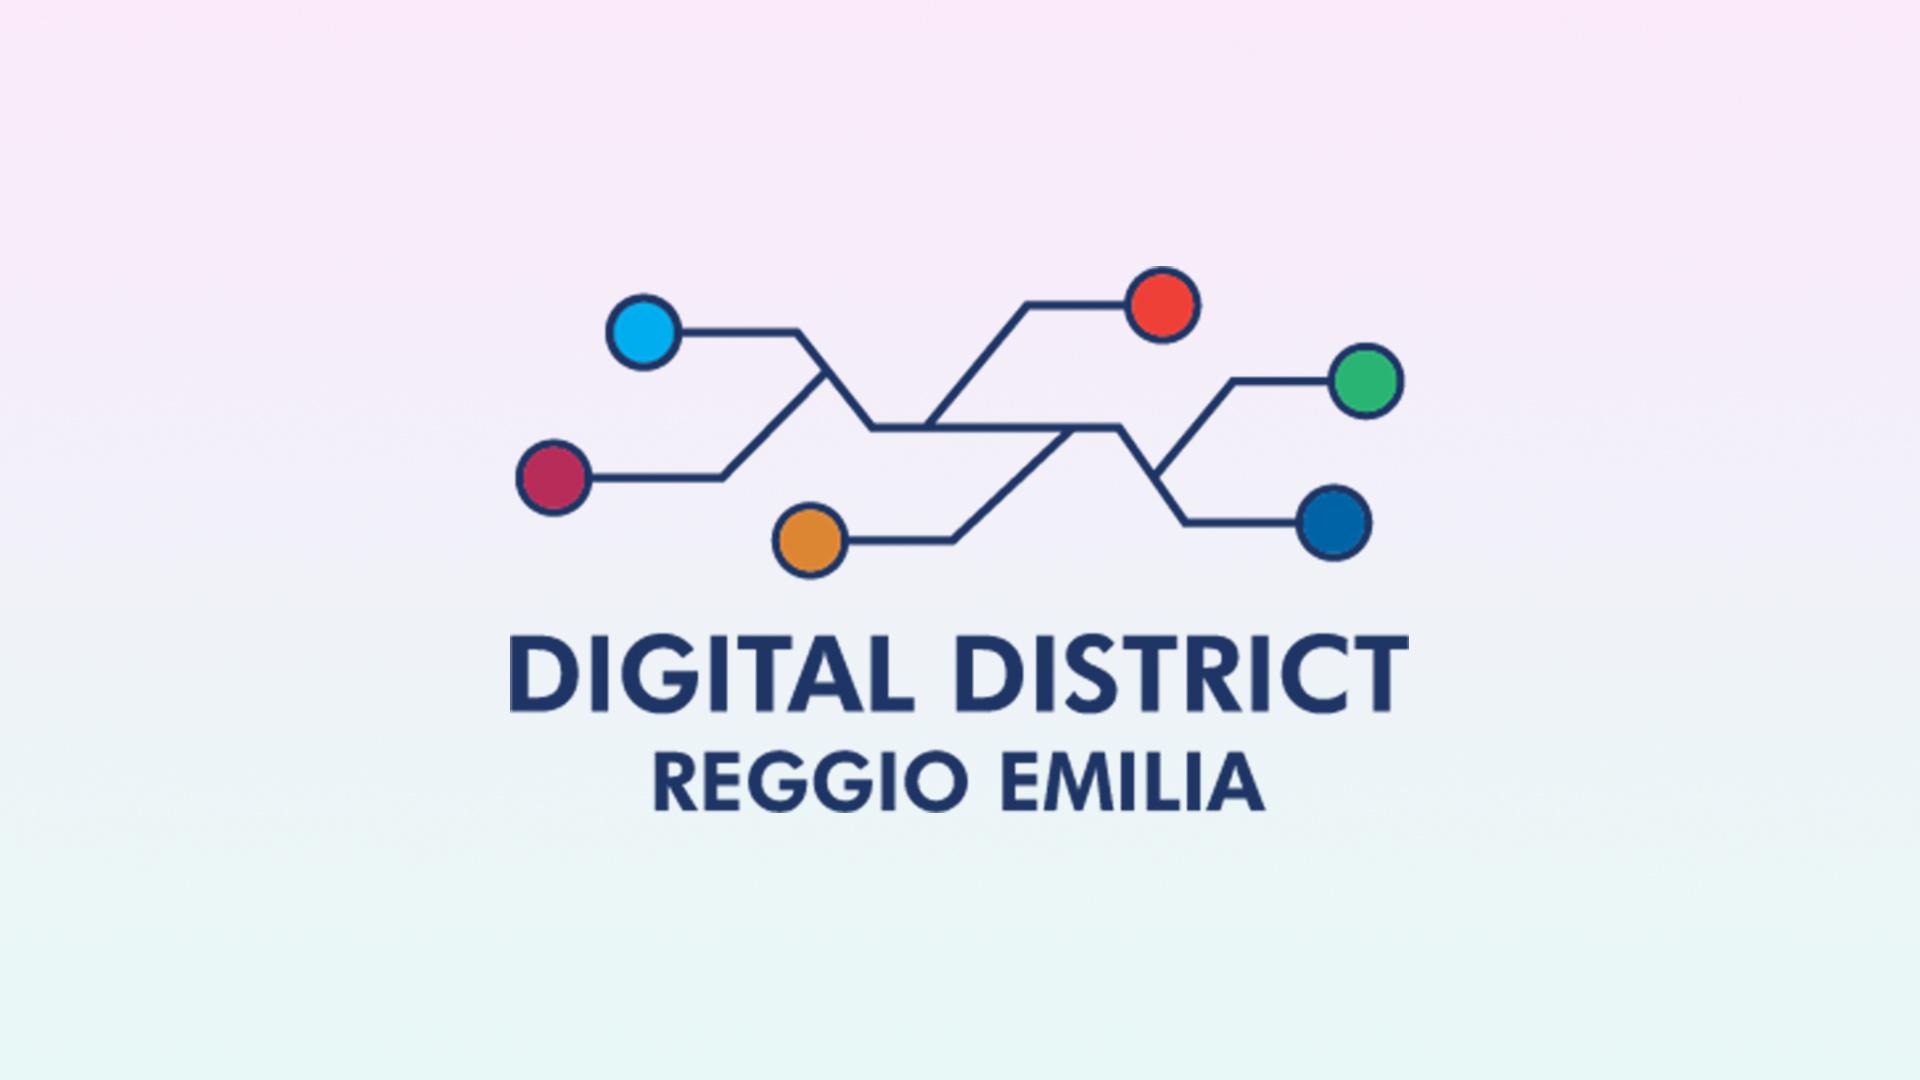 Distretto Digitale